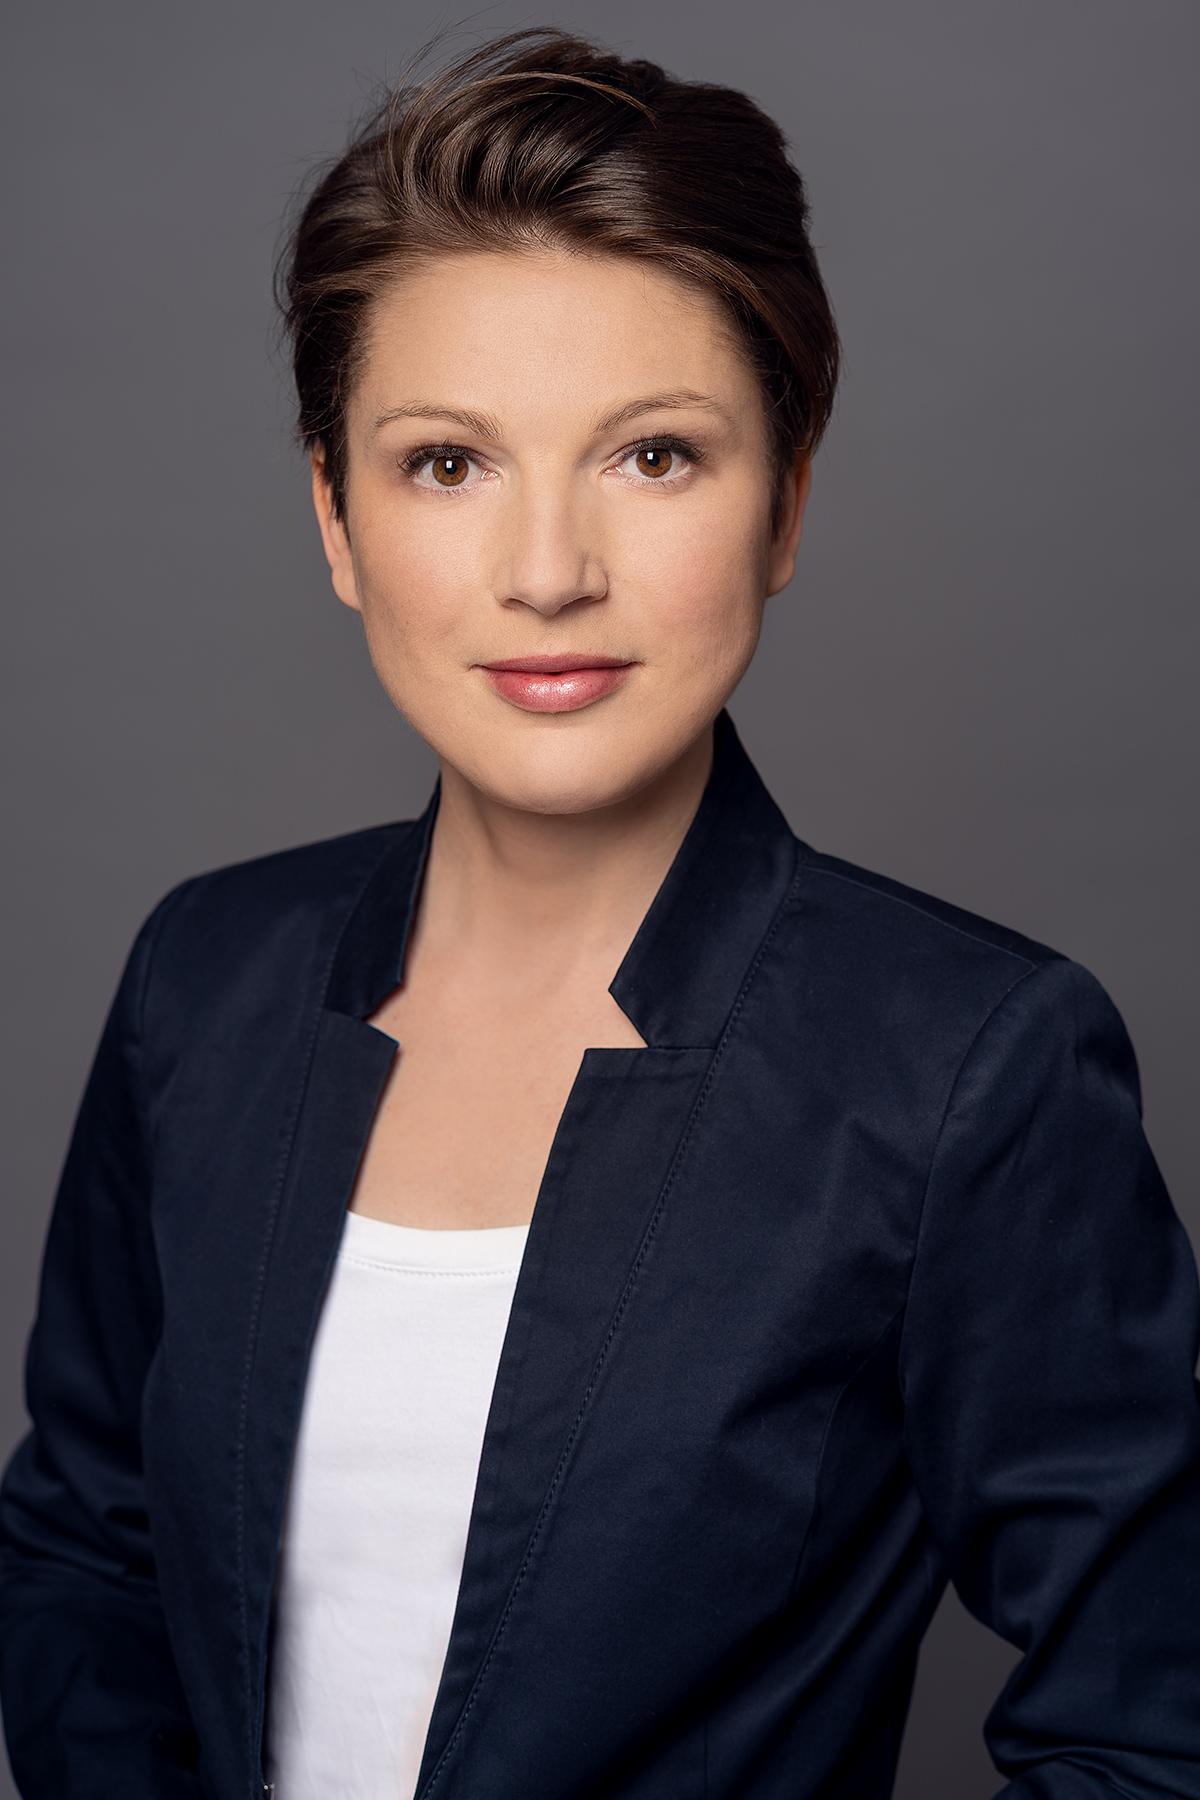 Margot Liebke-Bedzitko